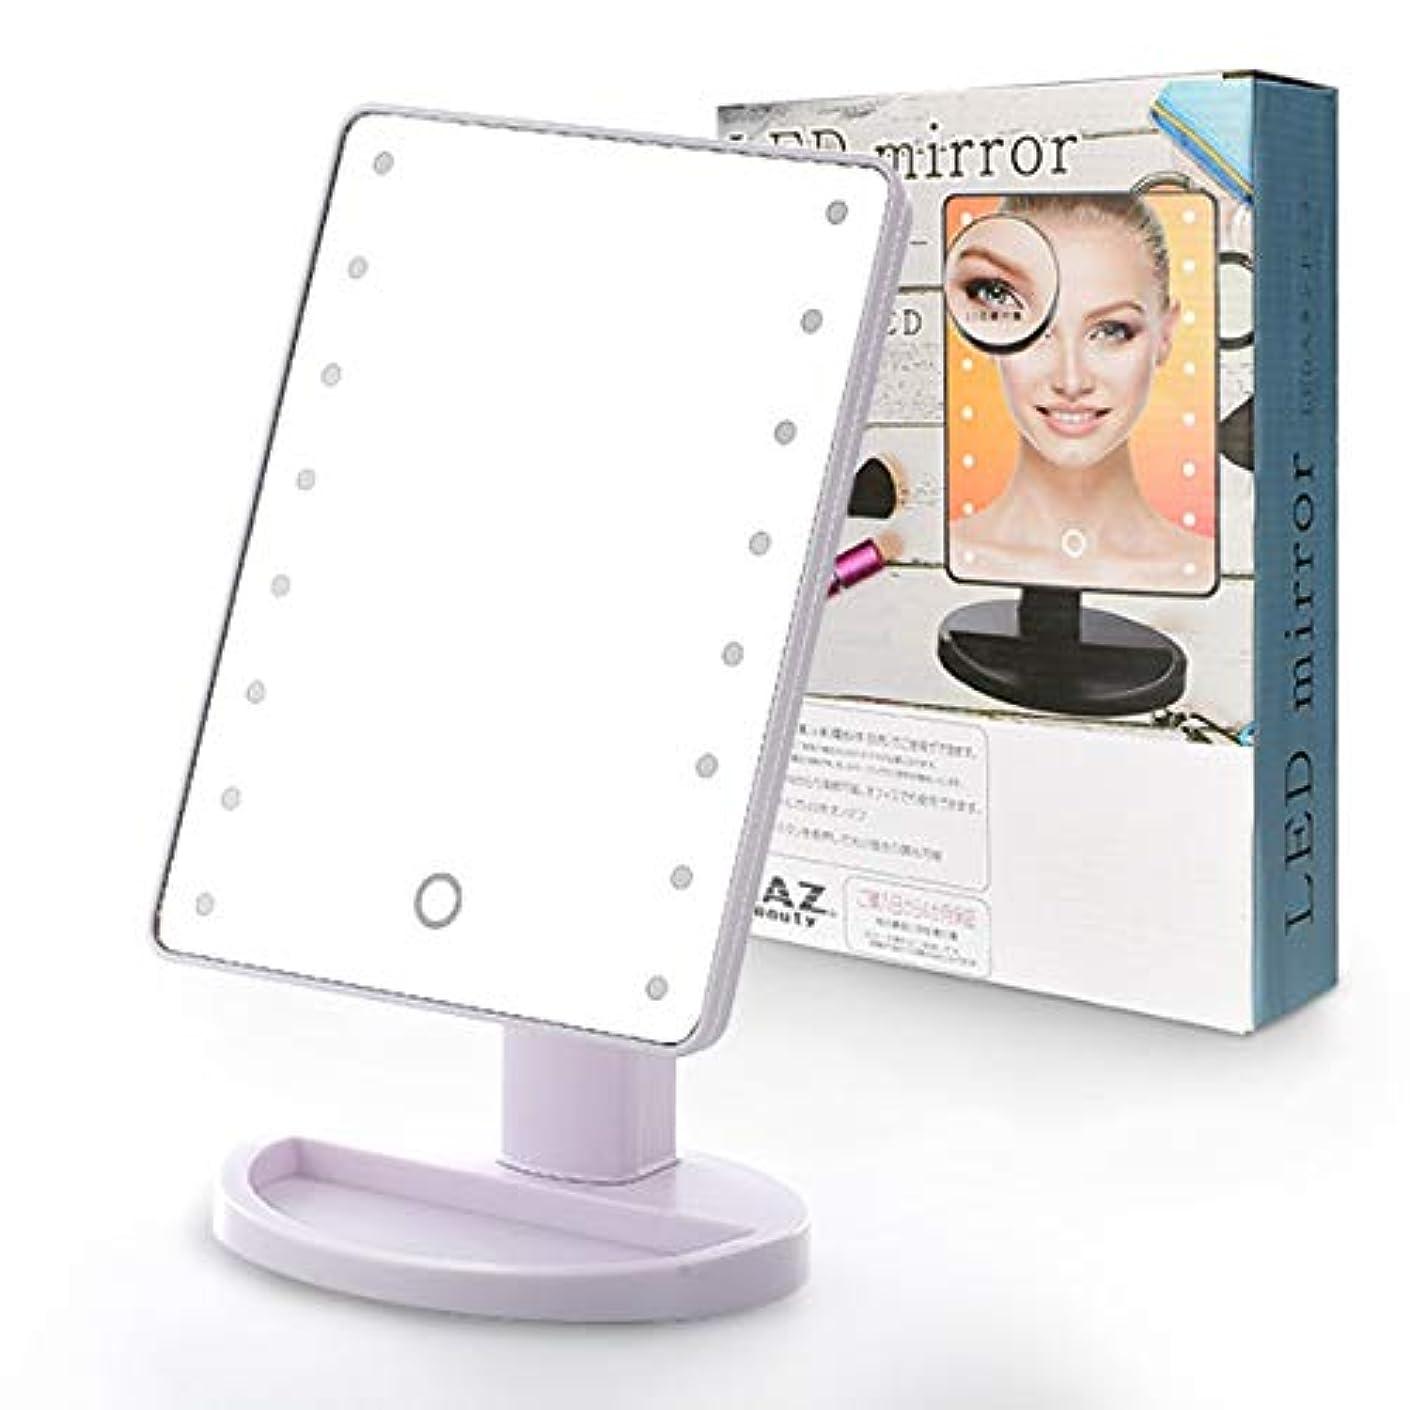 ドライバお別れ作りZAZ LEDミラー 16LED 女優ミラー 10倍鏡 USBケーブル付属 角度調整可能 カラー:ホワイト